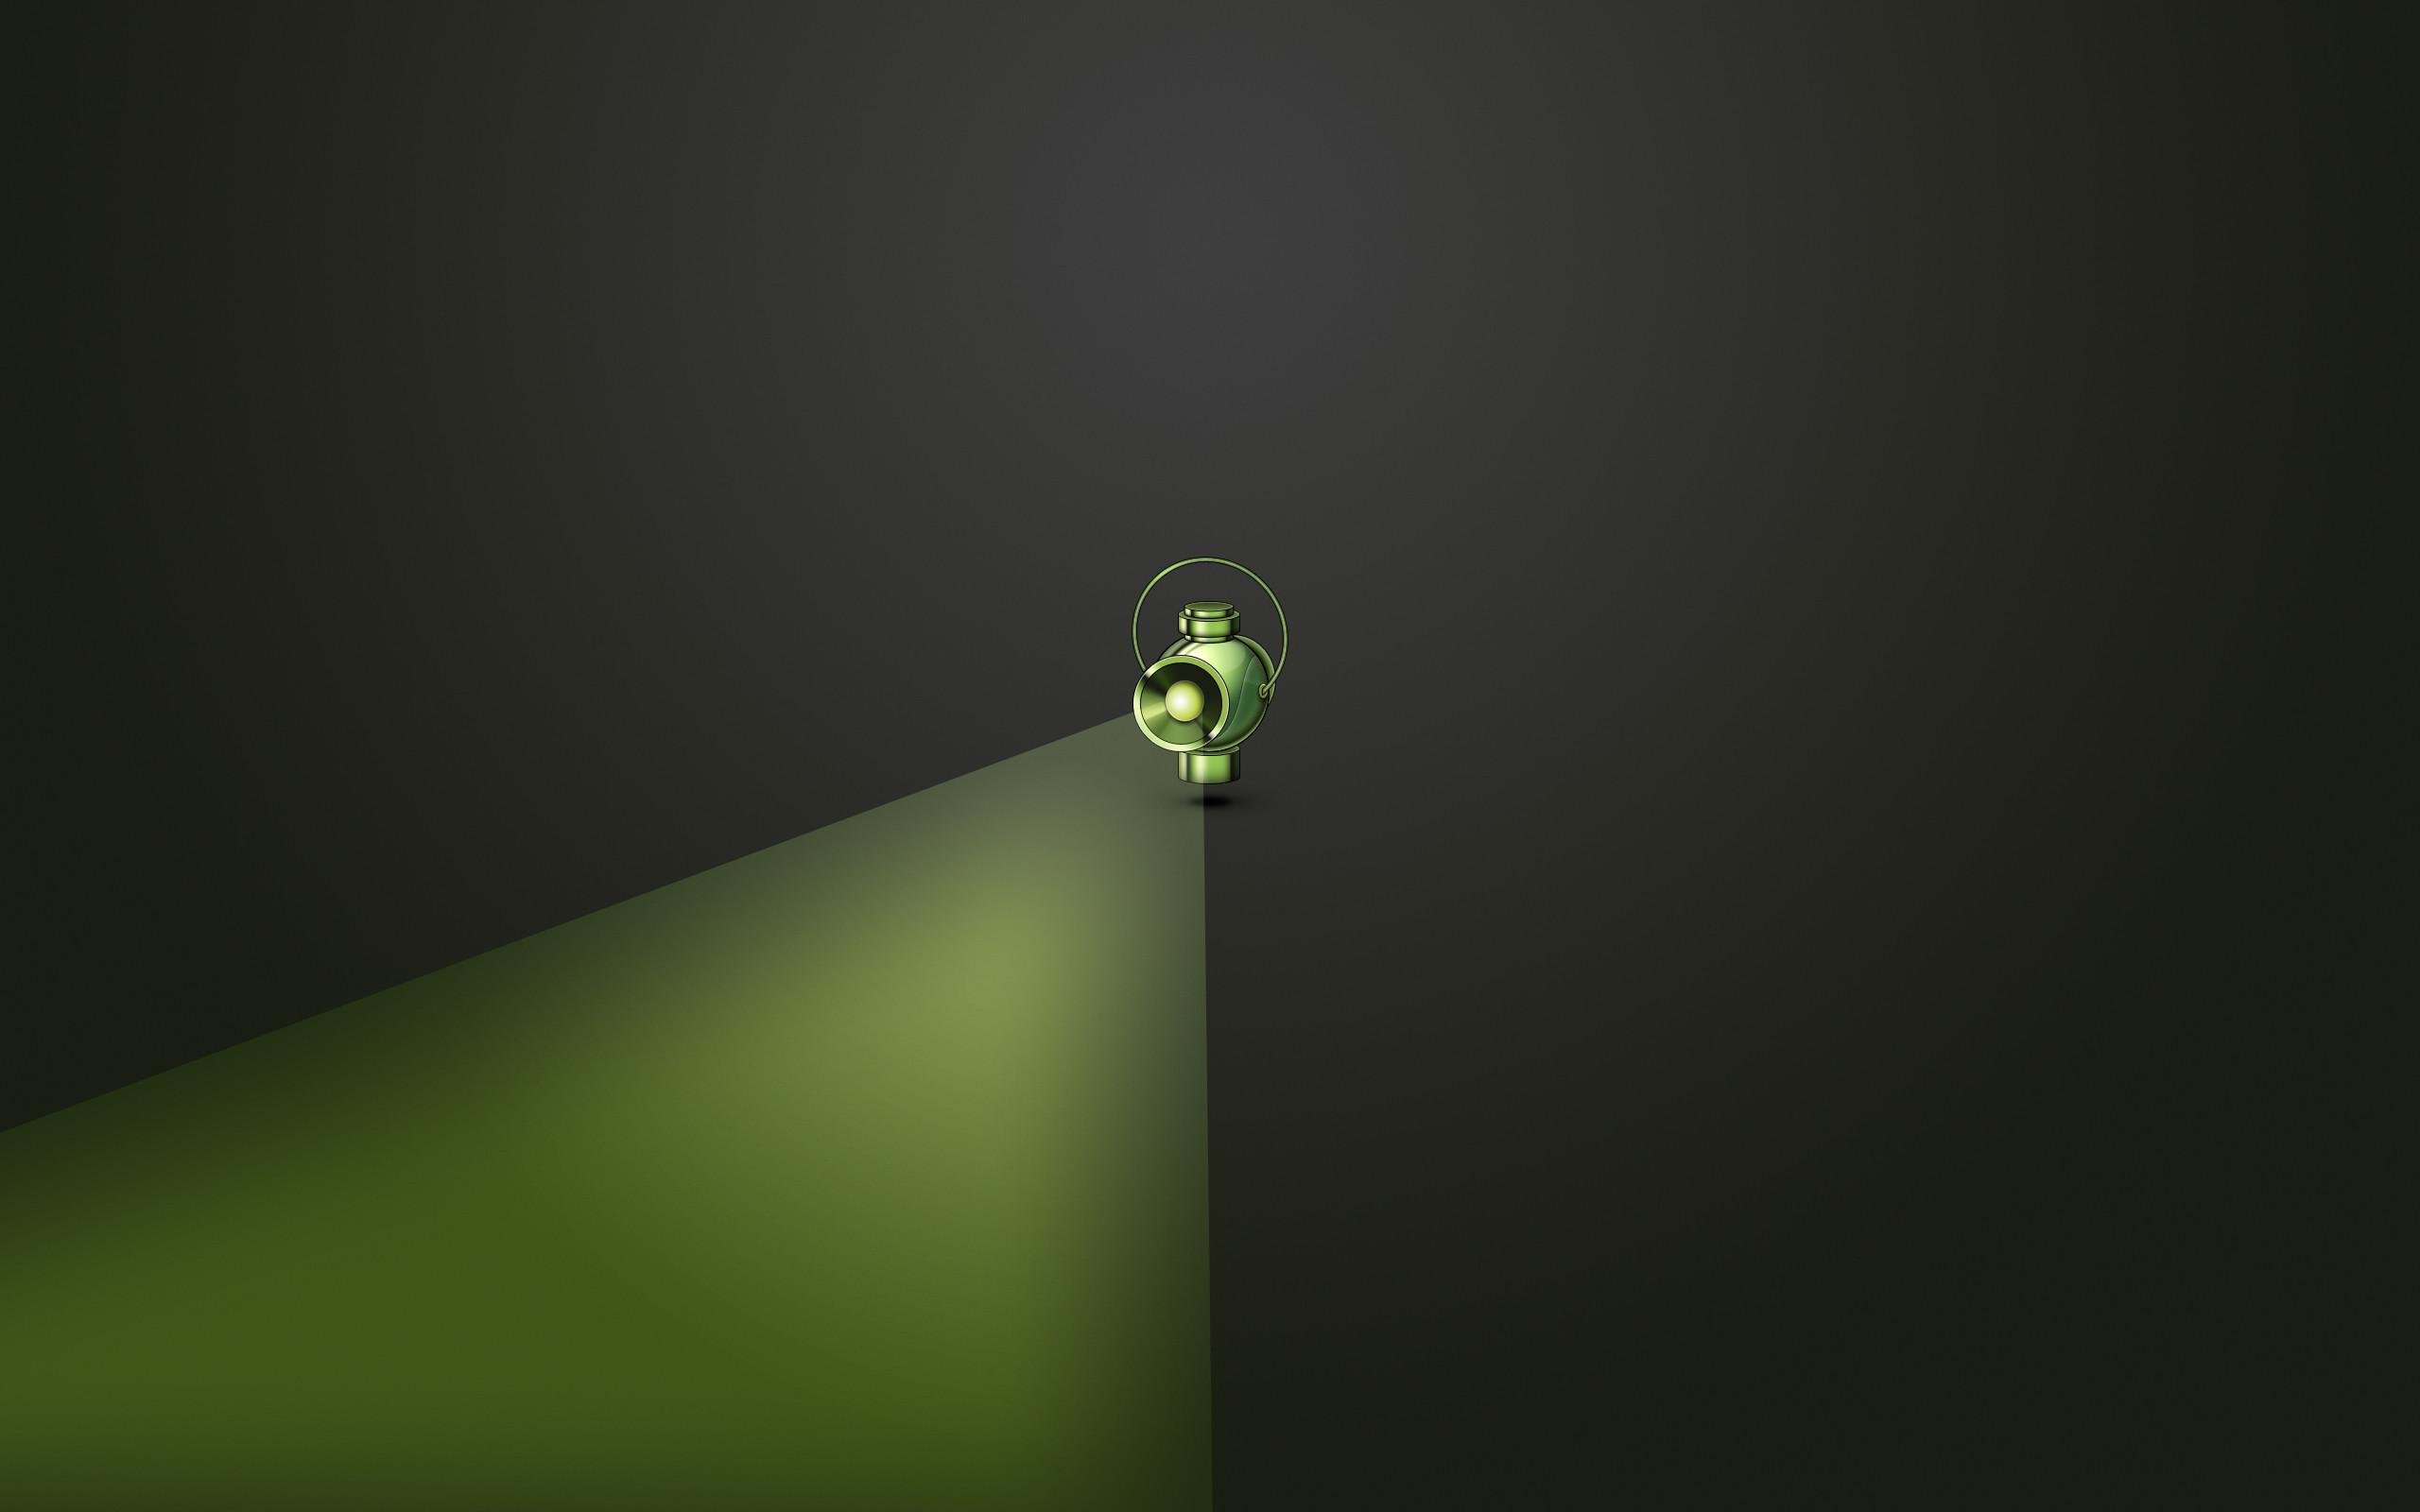 Microsoft Lock Screen Wallpaper – WallpaperSafari